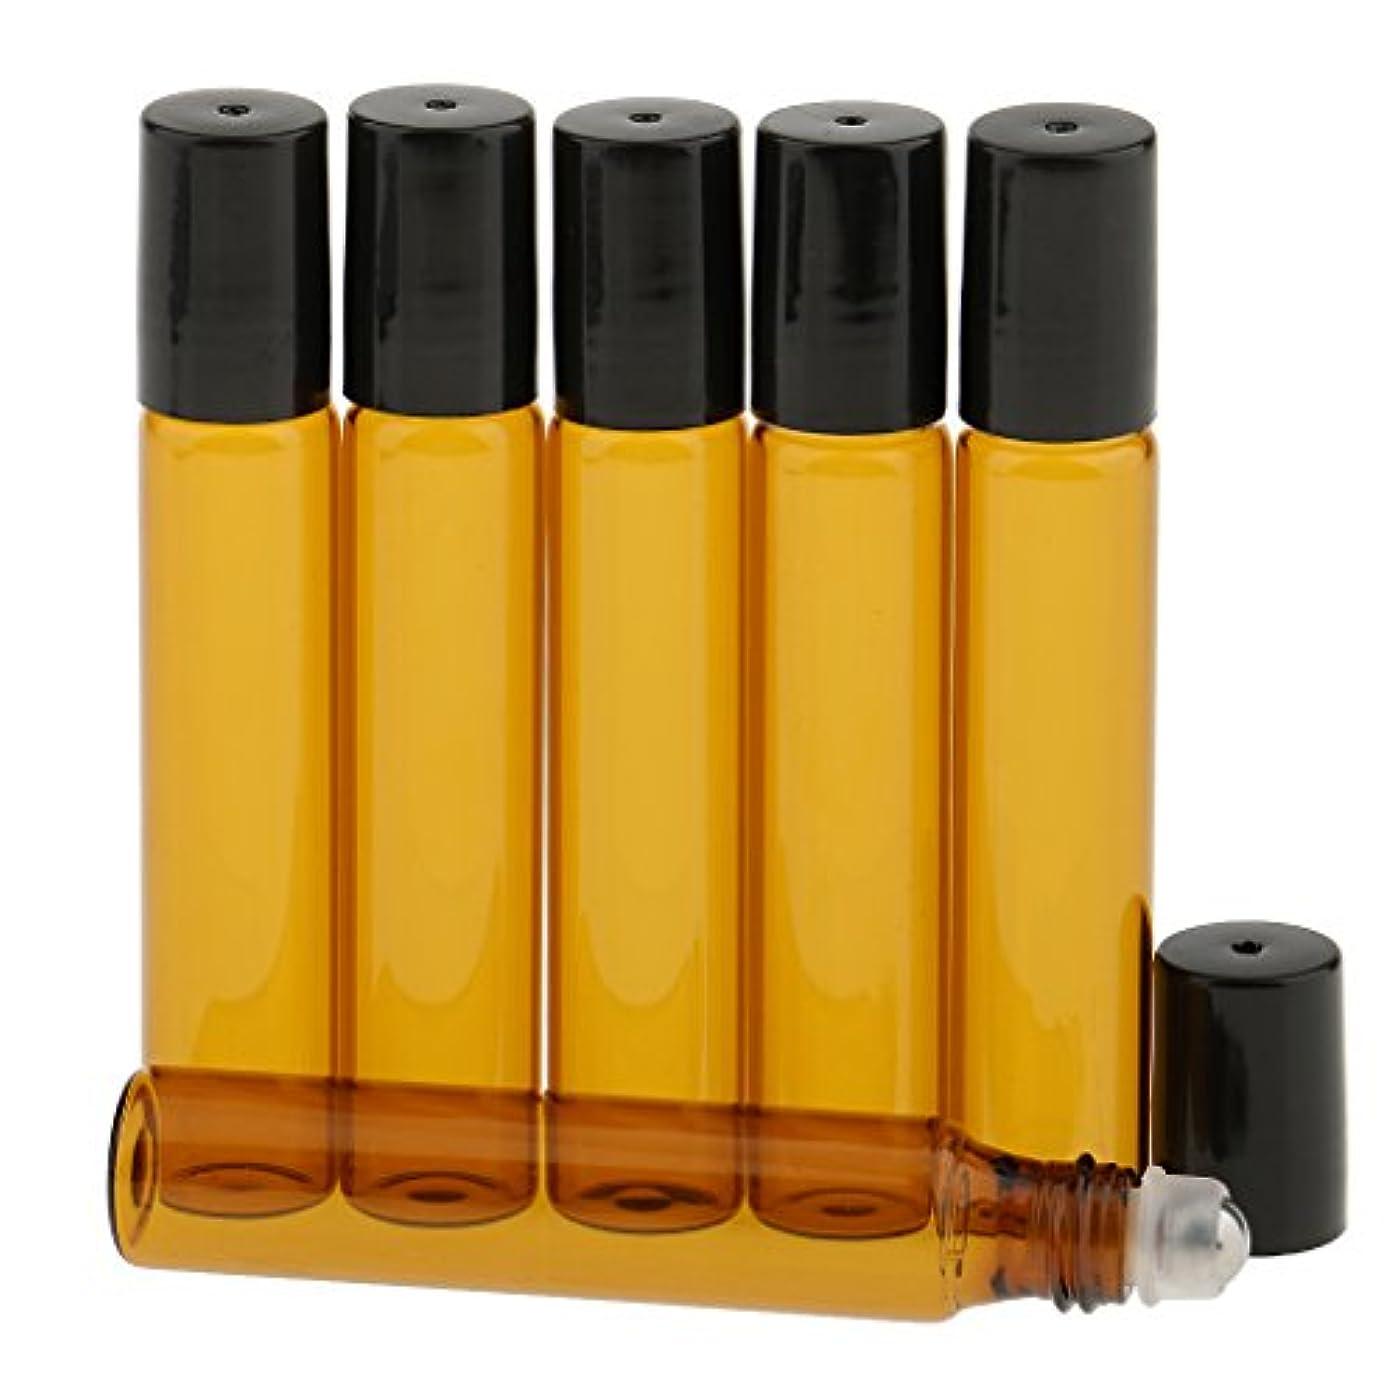 振るパンふりをするT TOOYFUL 香水分装 化粧ボトル ガラスロール 詰め替え可能 旅行用 光避けデザイン 6本入り